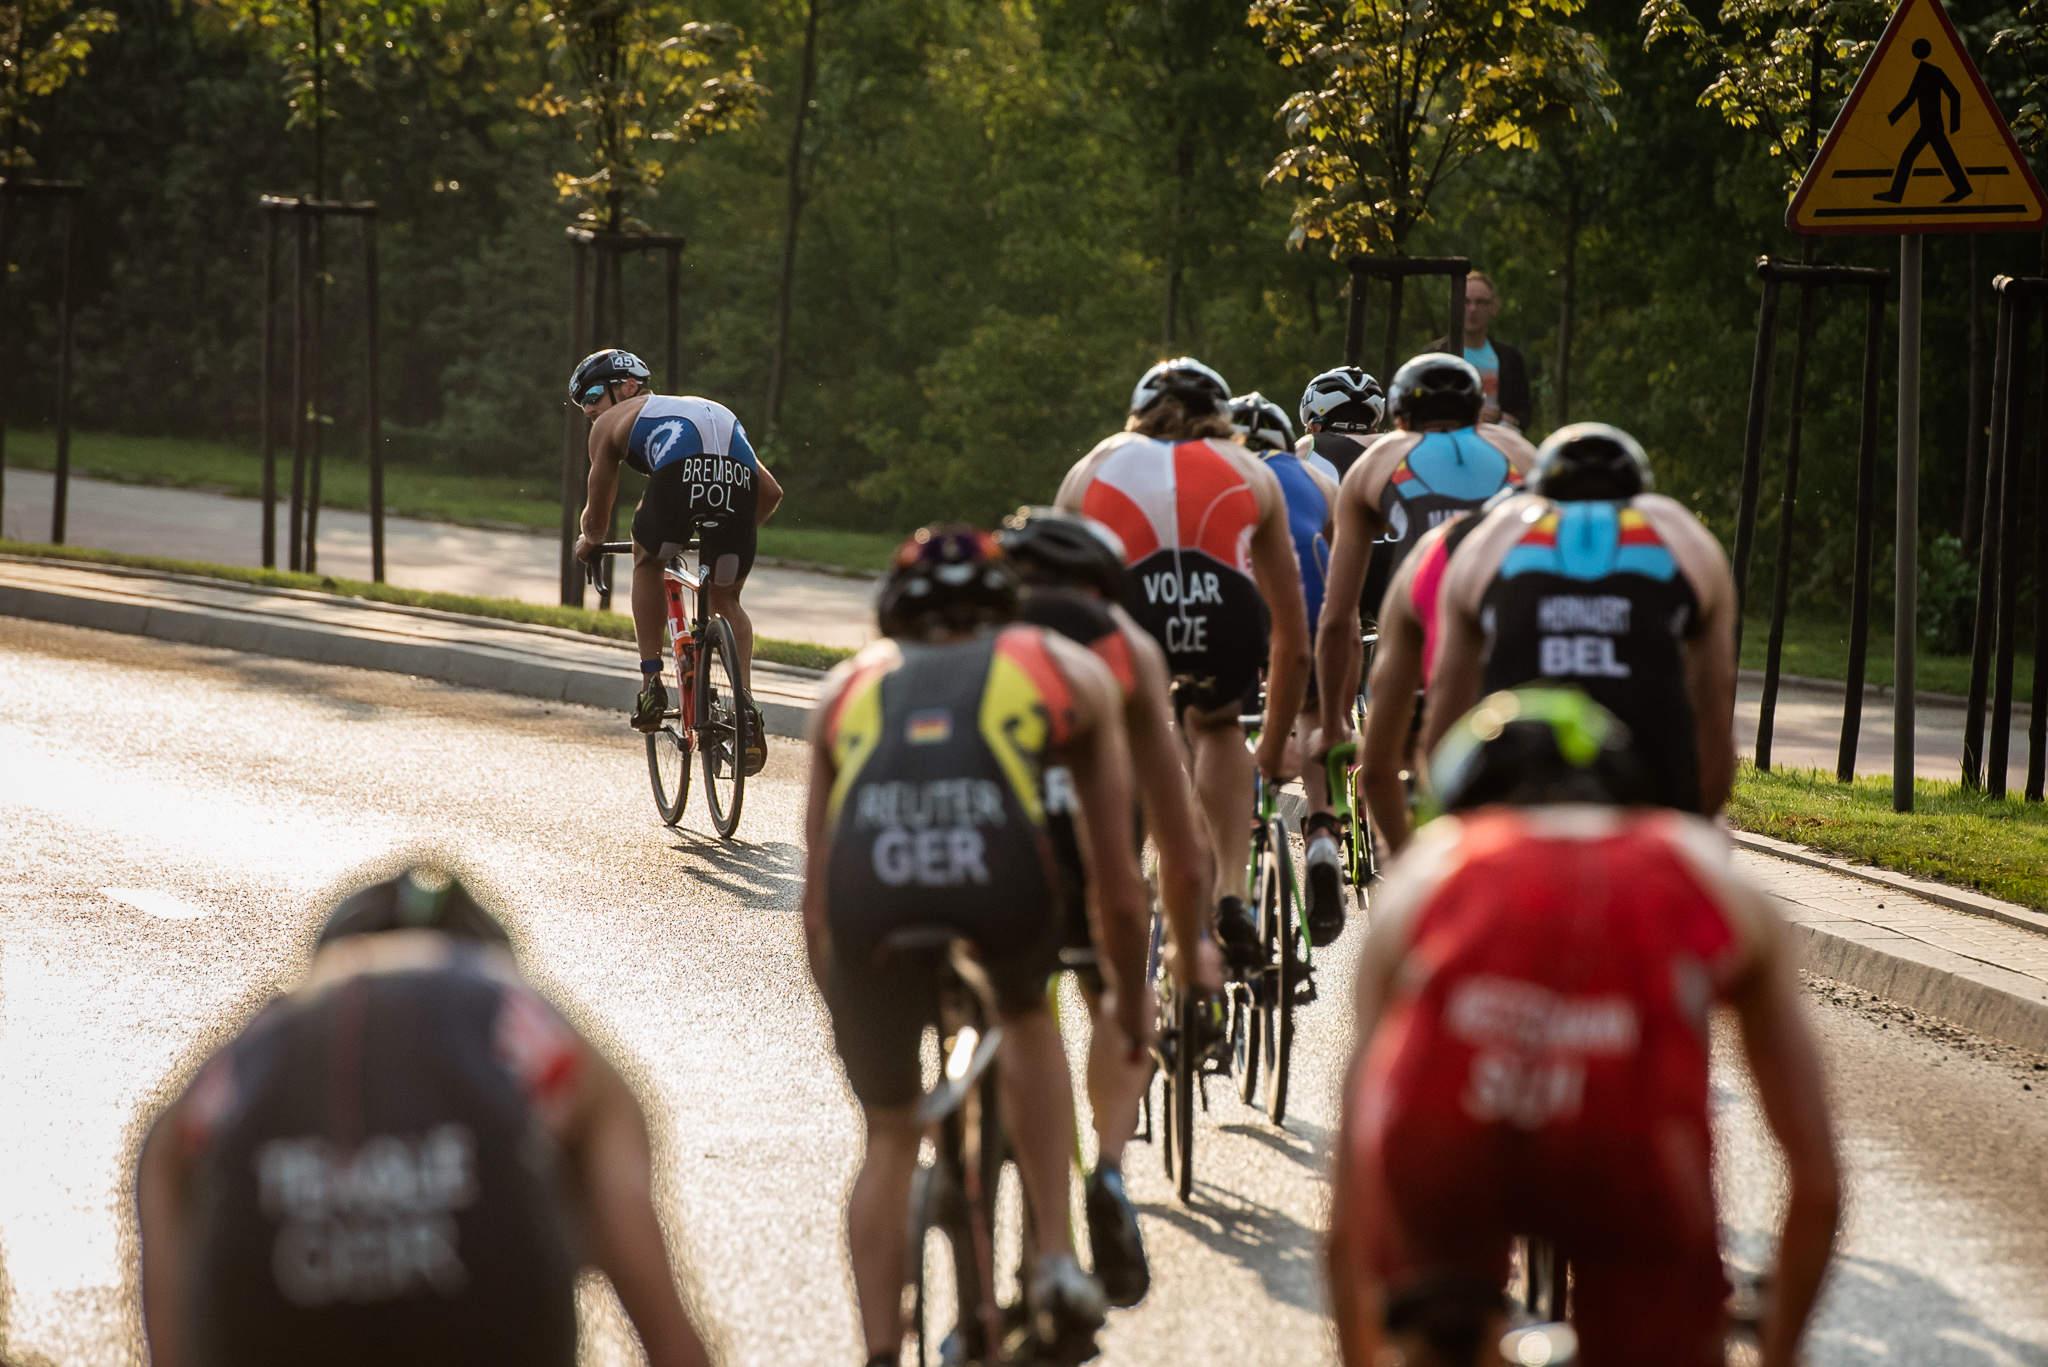 GVT BMC Triathlon Team po Pucharze Europy w Olsztynie